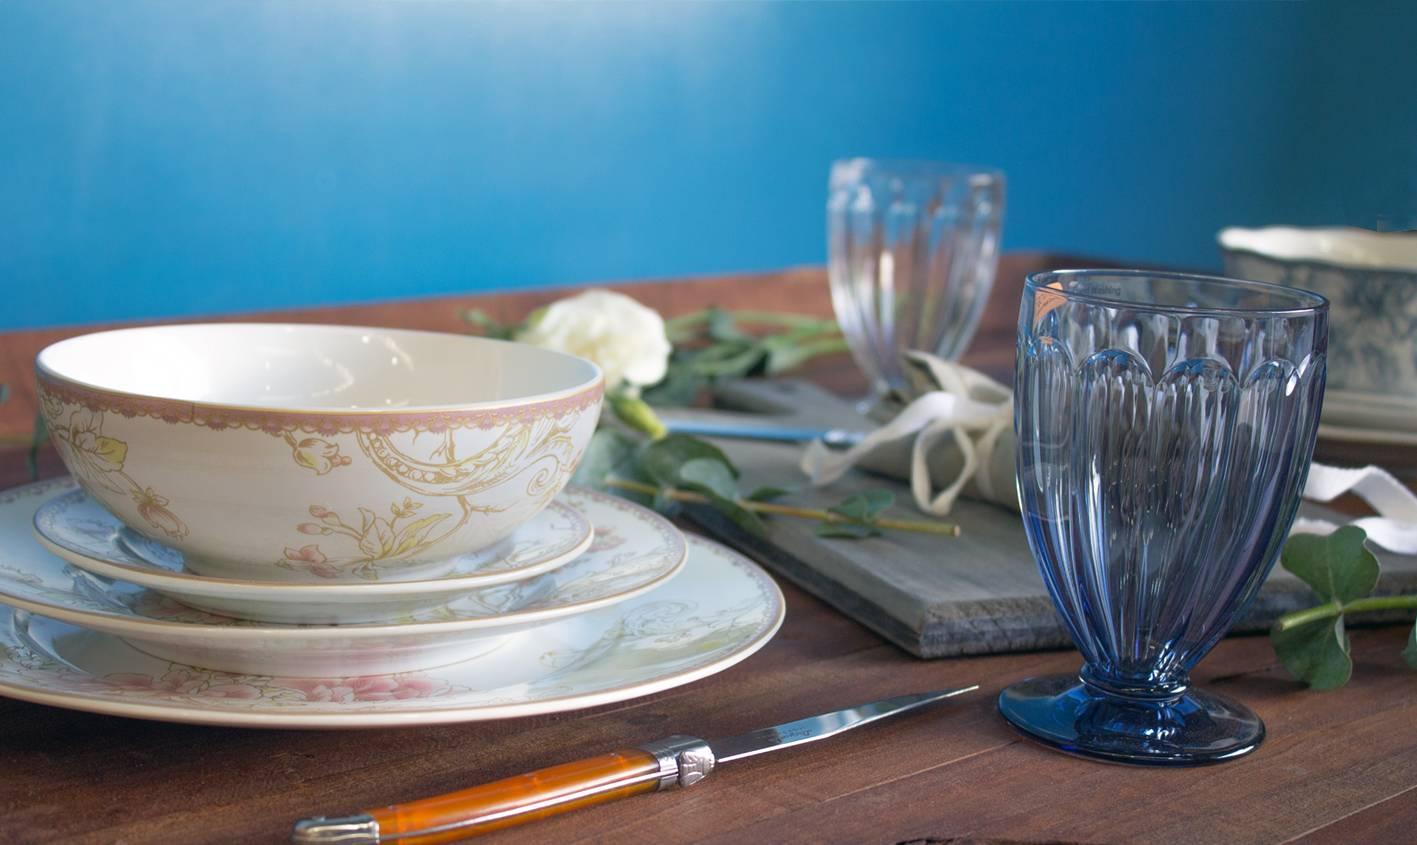 Decora tu mesa al más puro estilo de Pineapple Express Deco